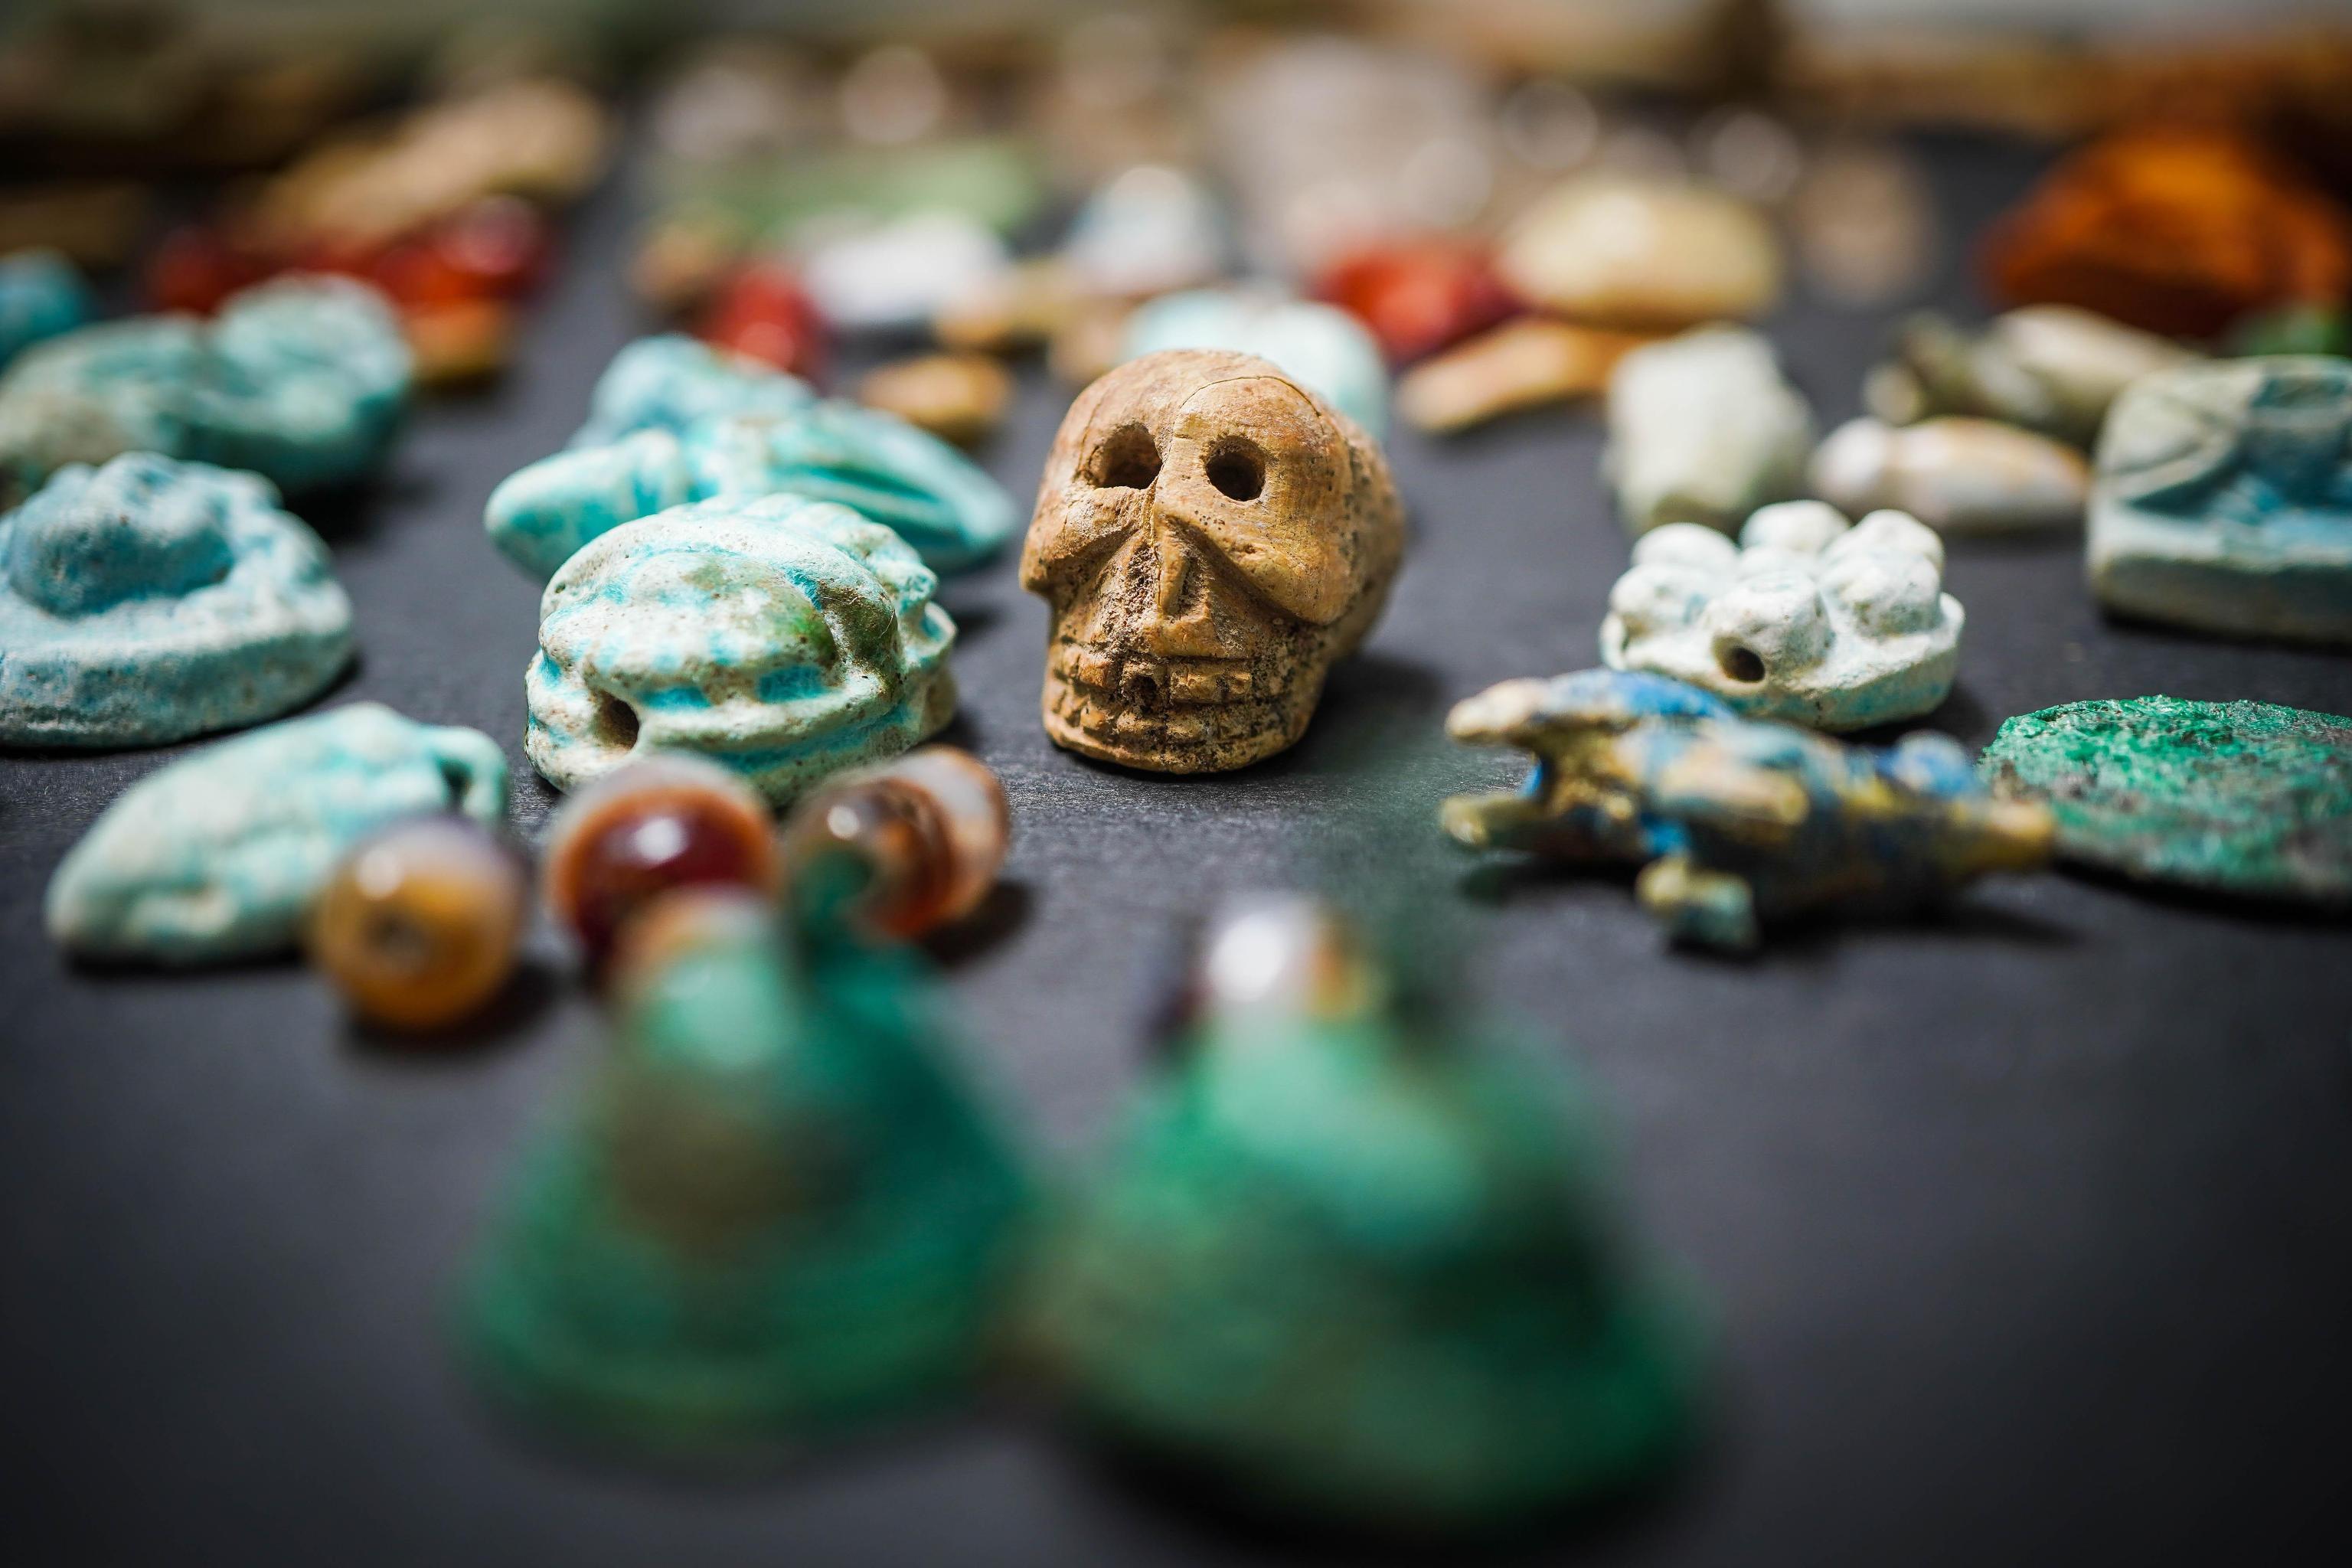 Большое количество украшений и амулетов найдено в одном из домов в Помпеях